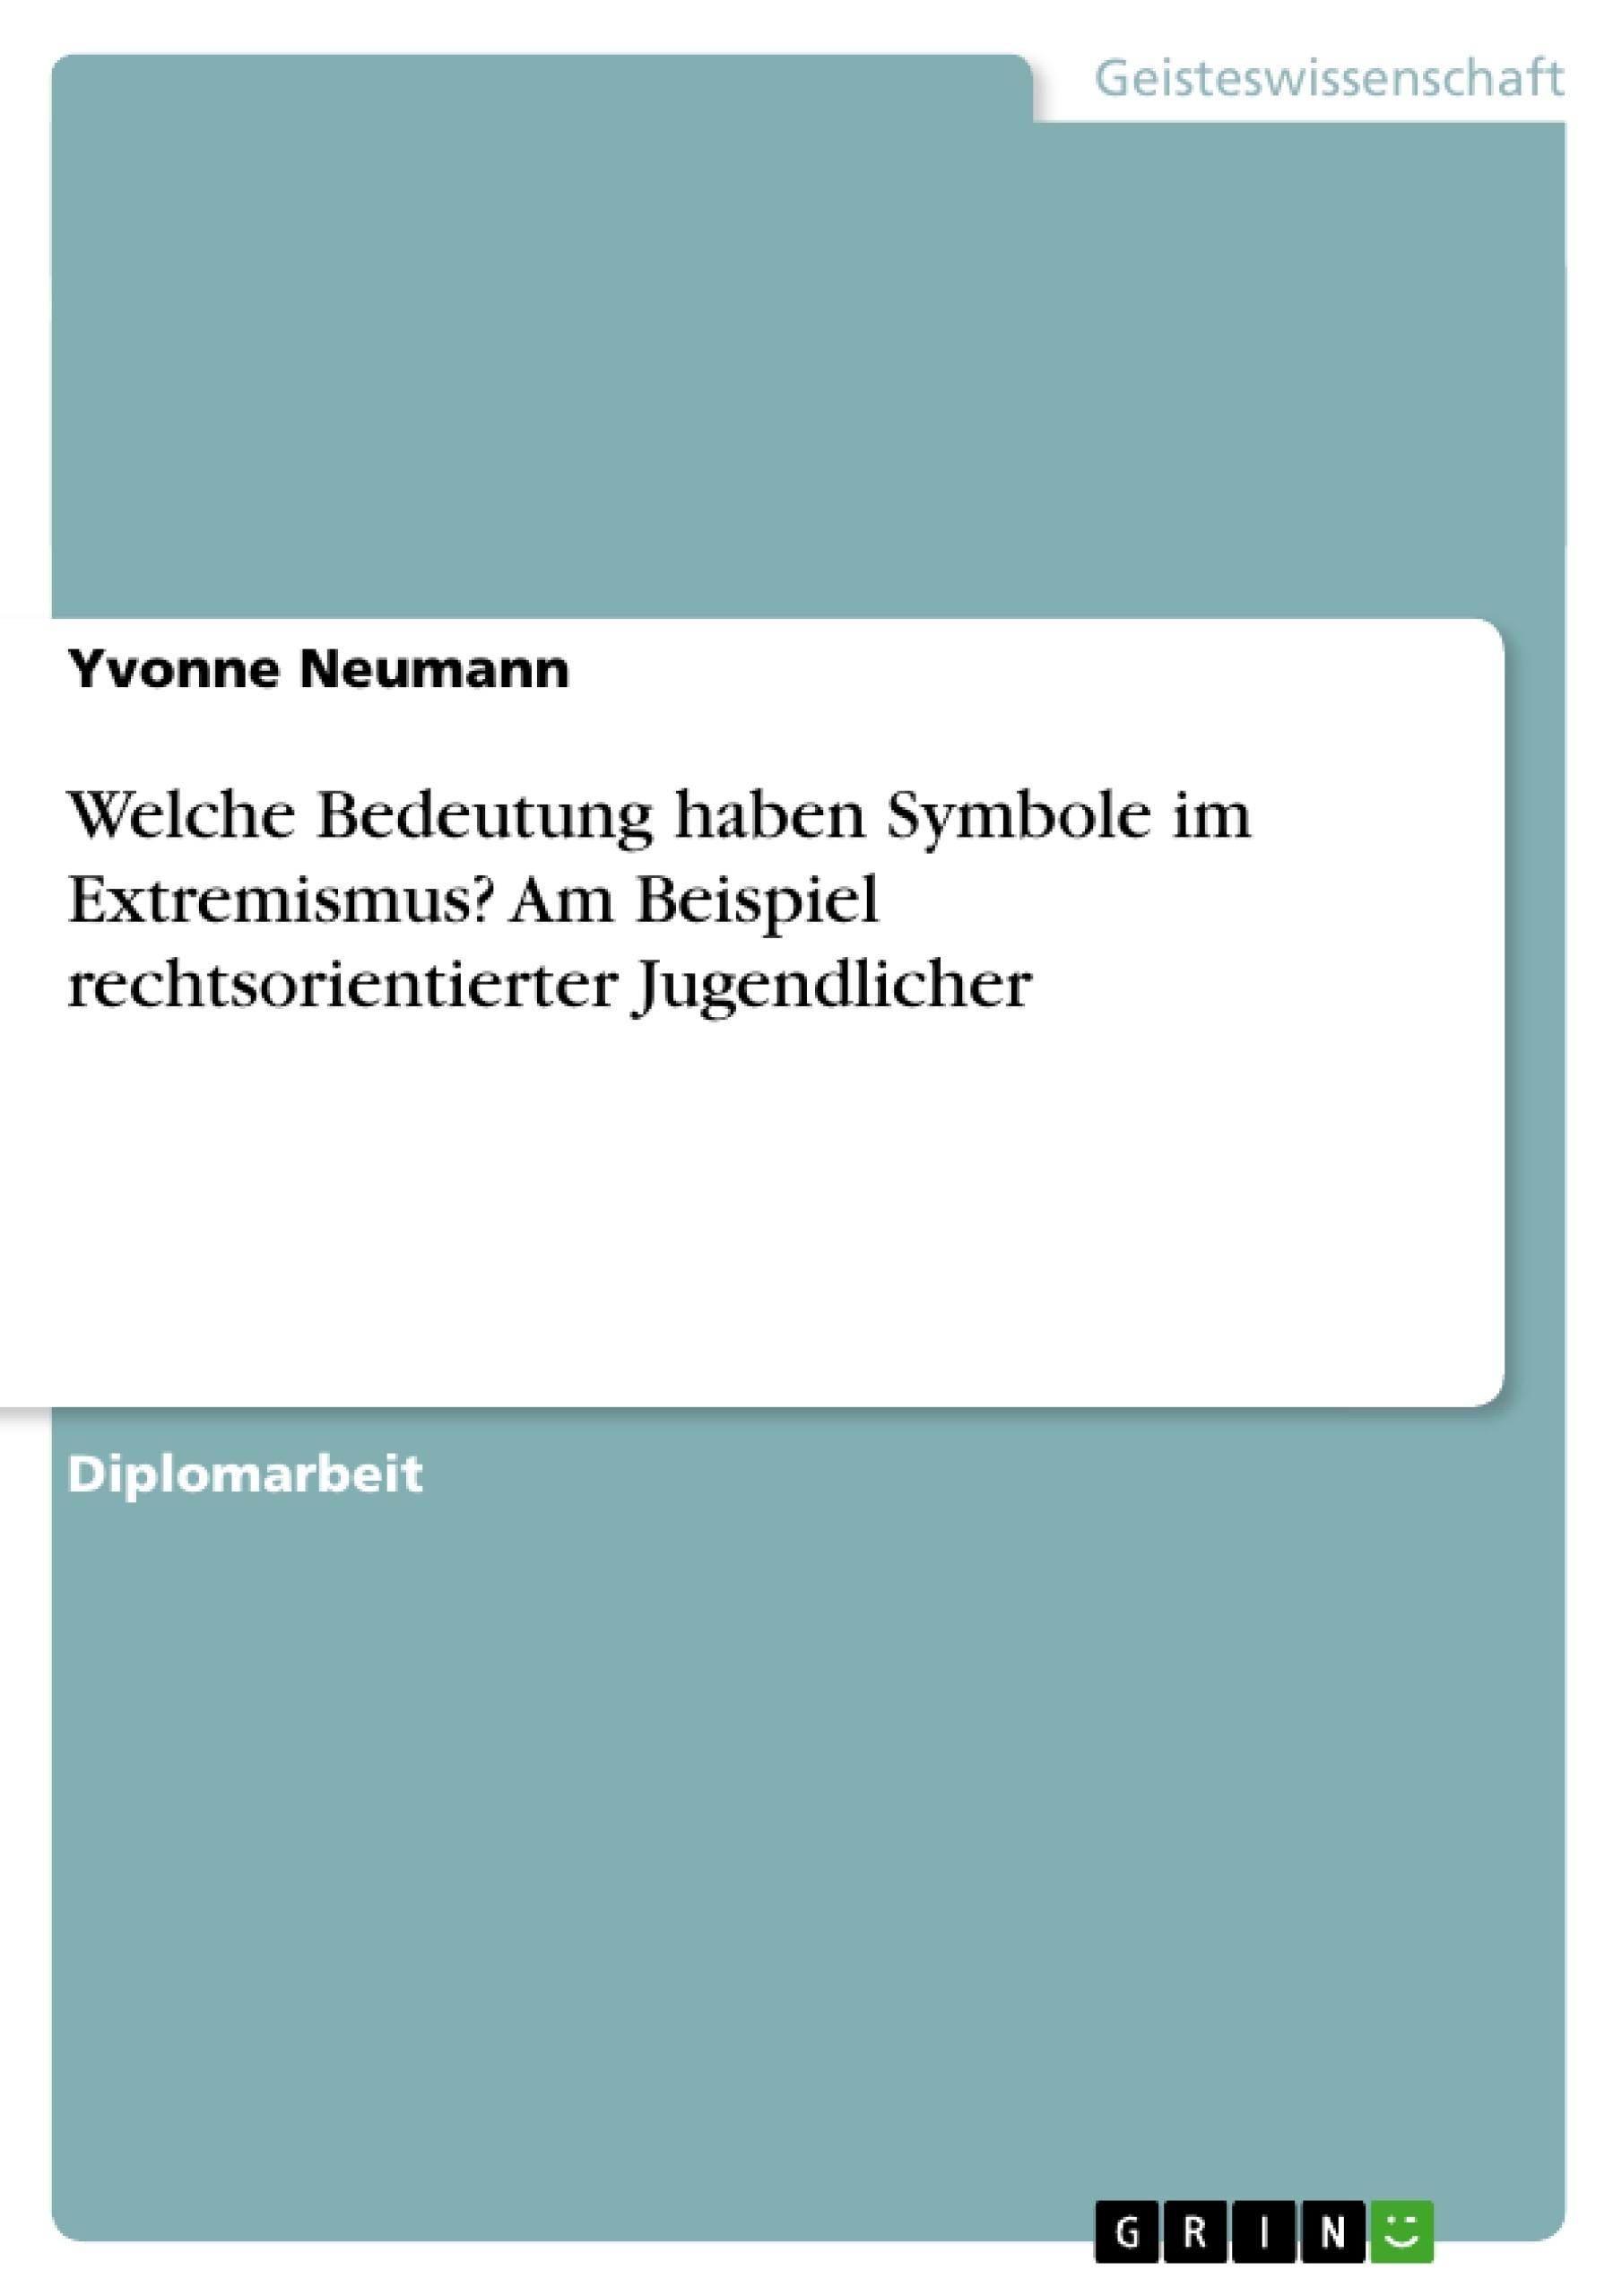 Titel: Welche Bedeutung haben Symbole im Extremismus? Am Beispiel rechtsorientierter Jugendlicher